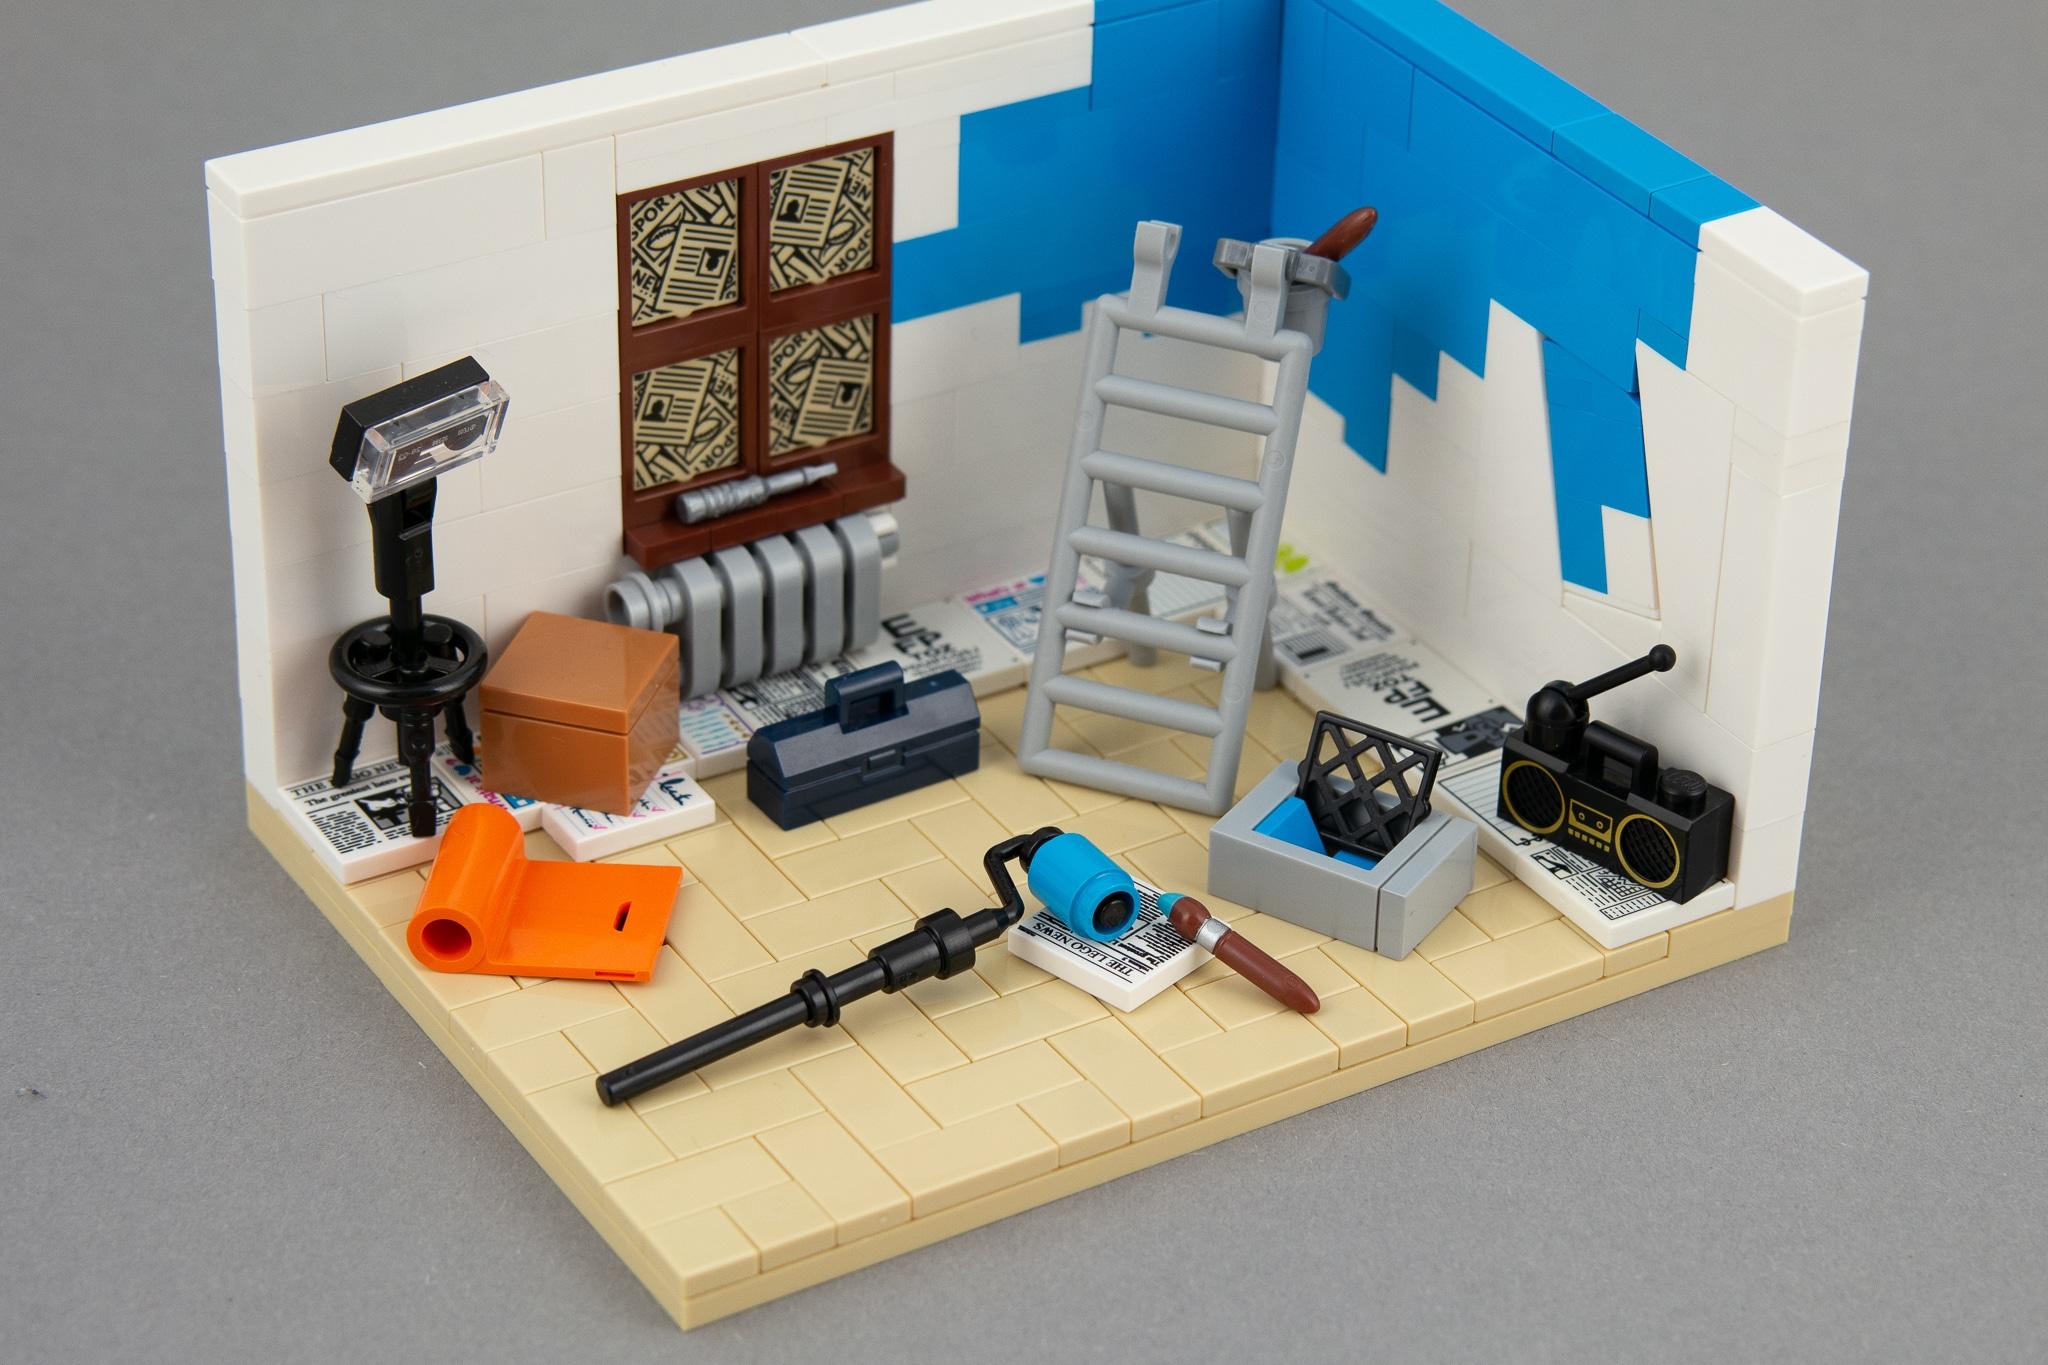 LEGO Renovierung Moc (4)